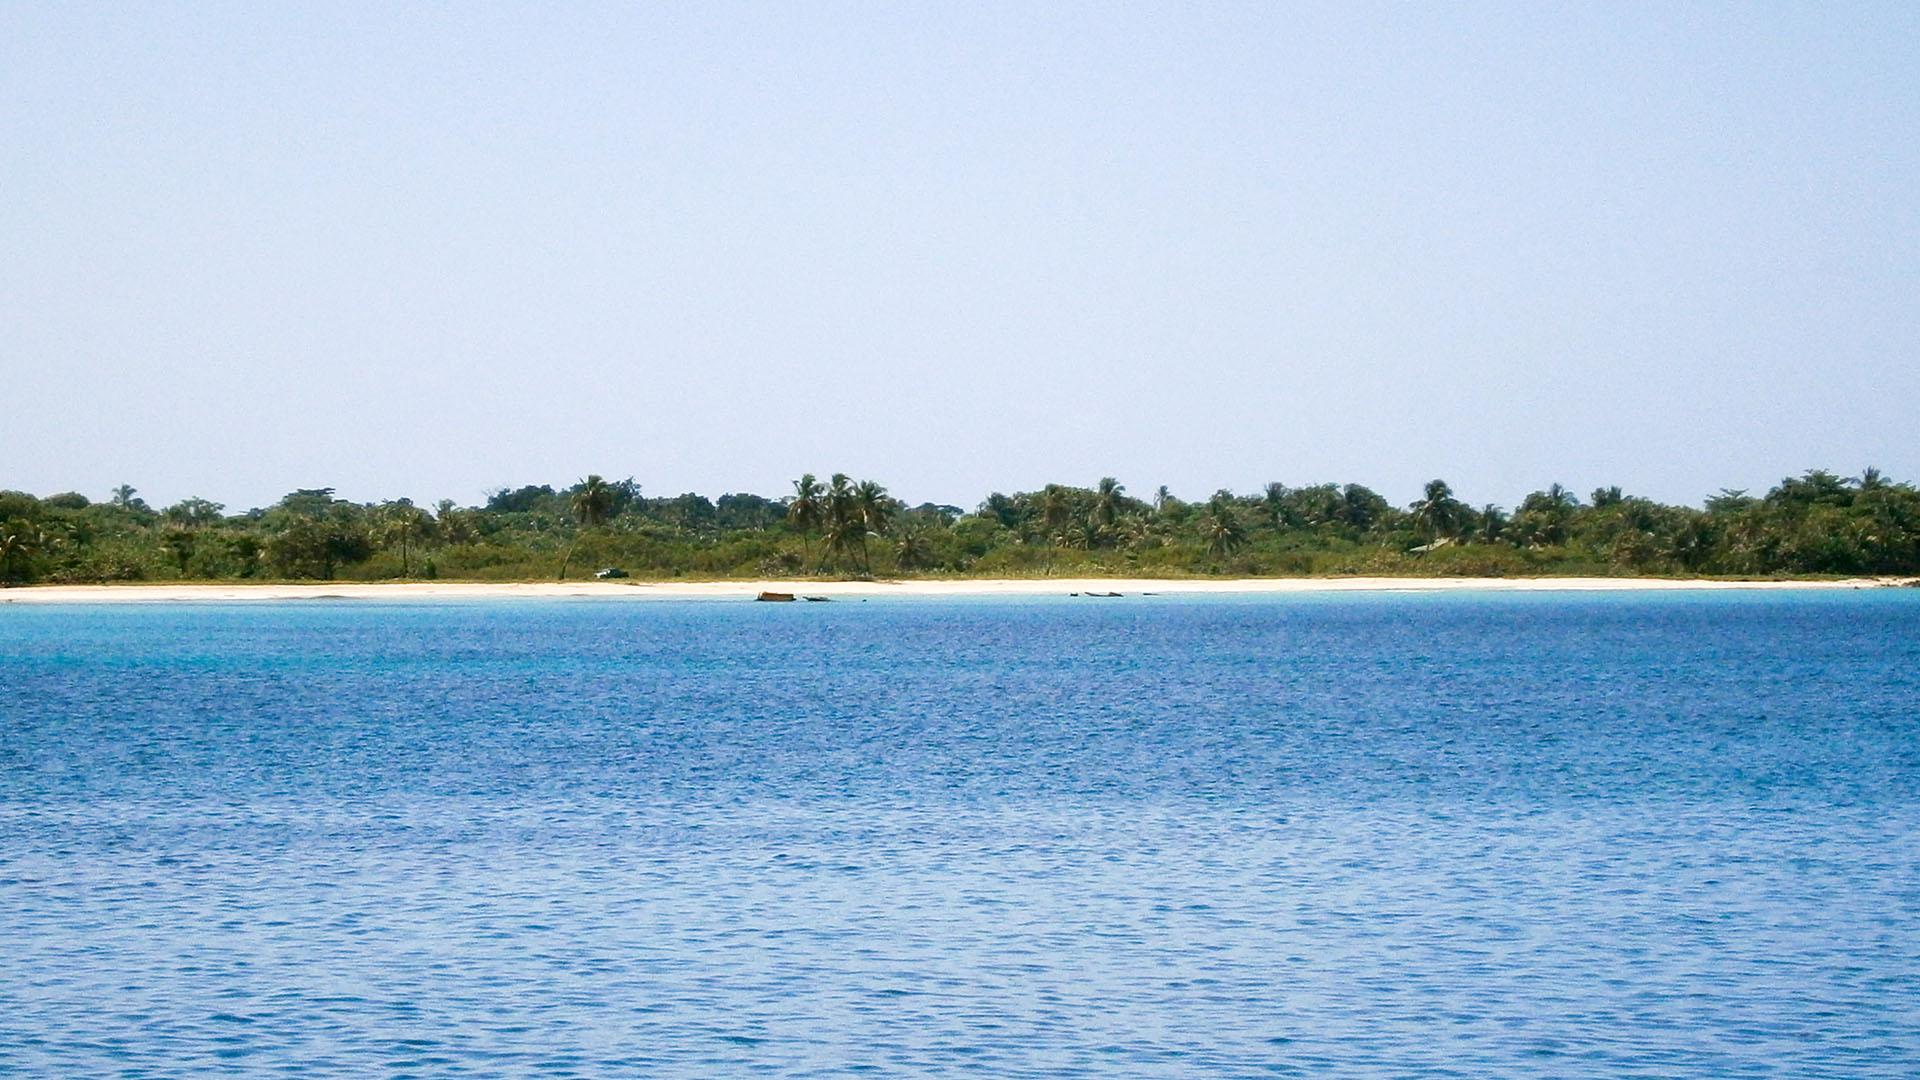 Mısır adası göründü!